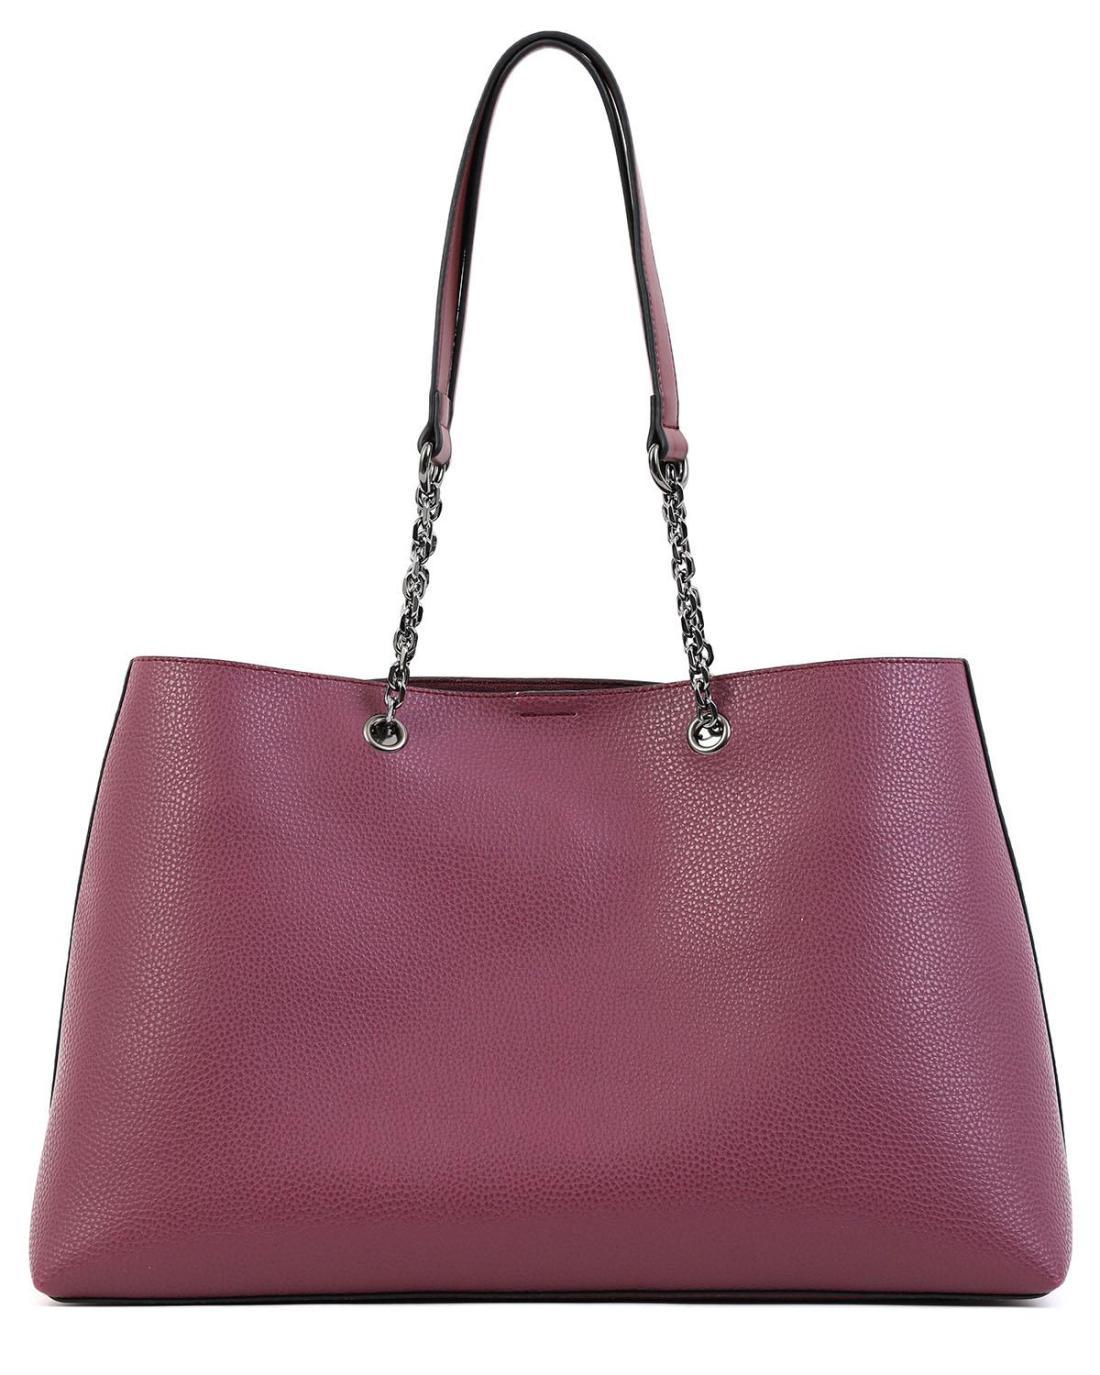 Καθημερινή τσάντα χειρός/ώμου μωβ